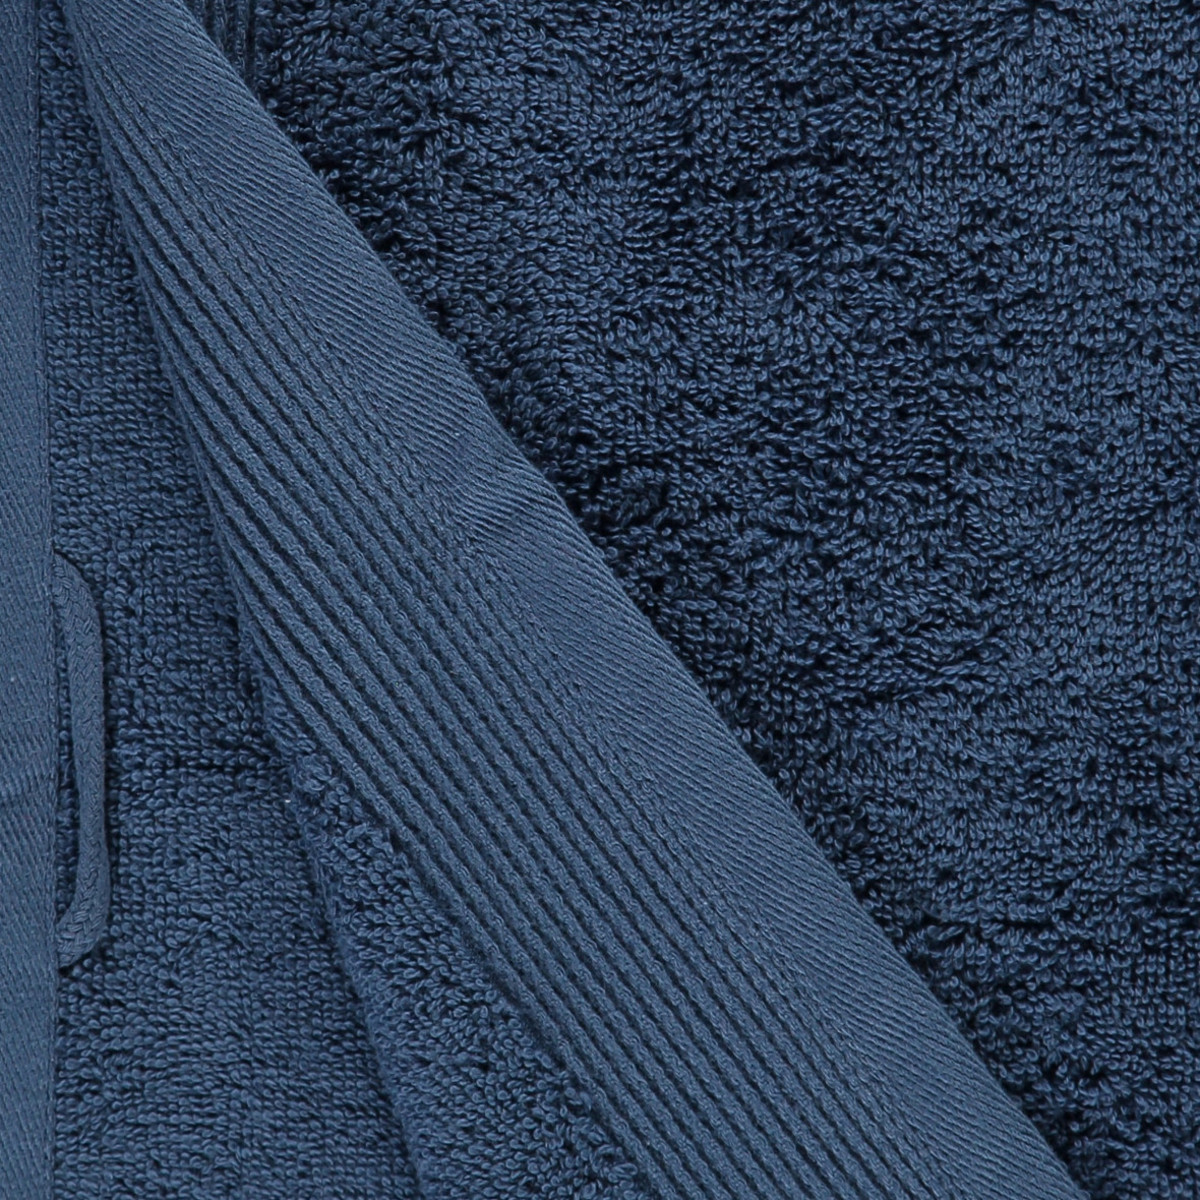 Bild 3 von Handtuch 50x100cm